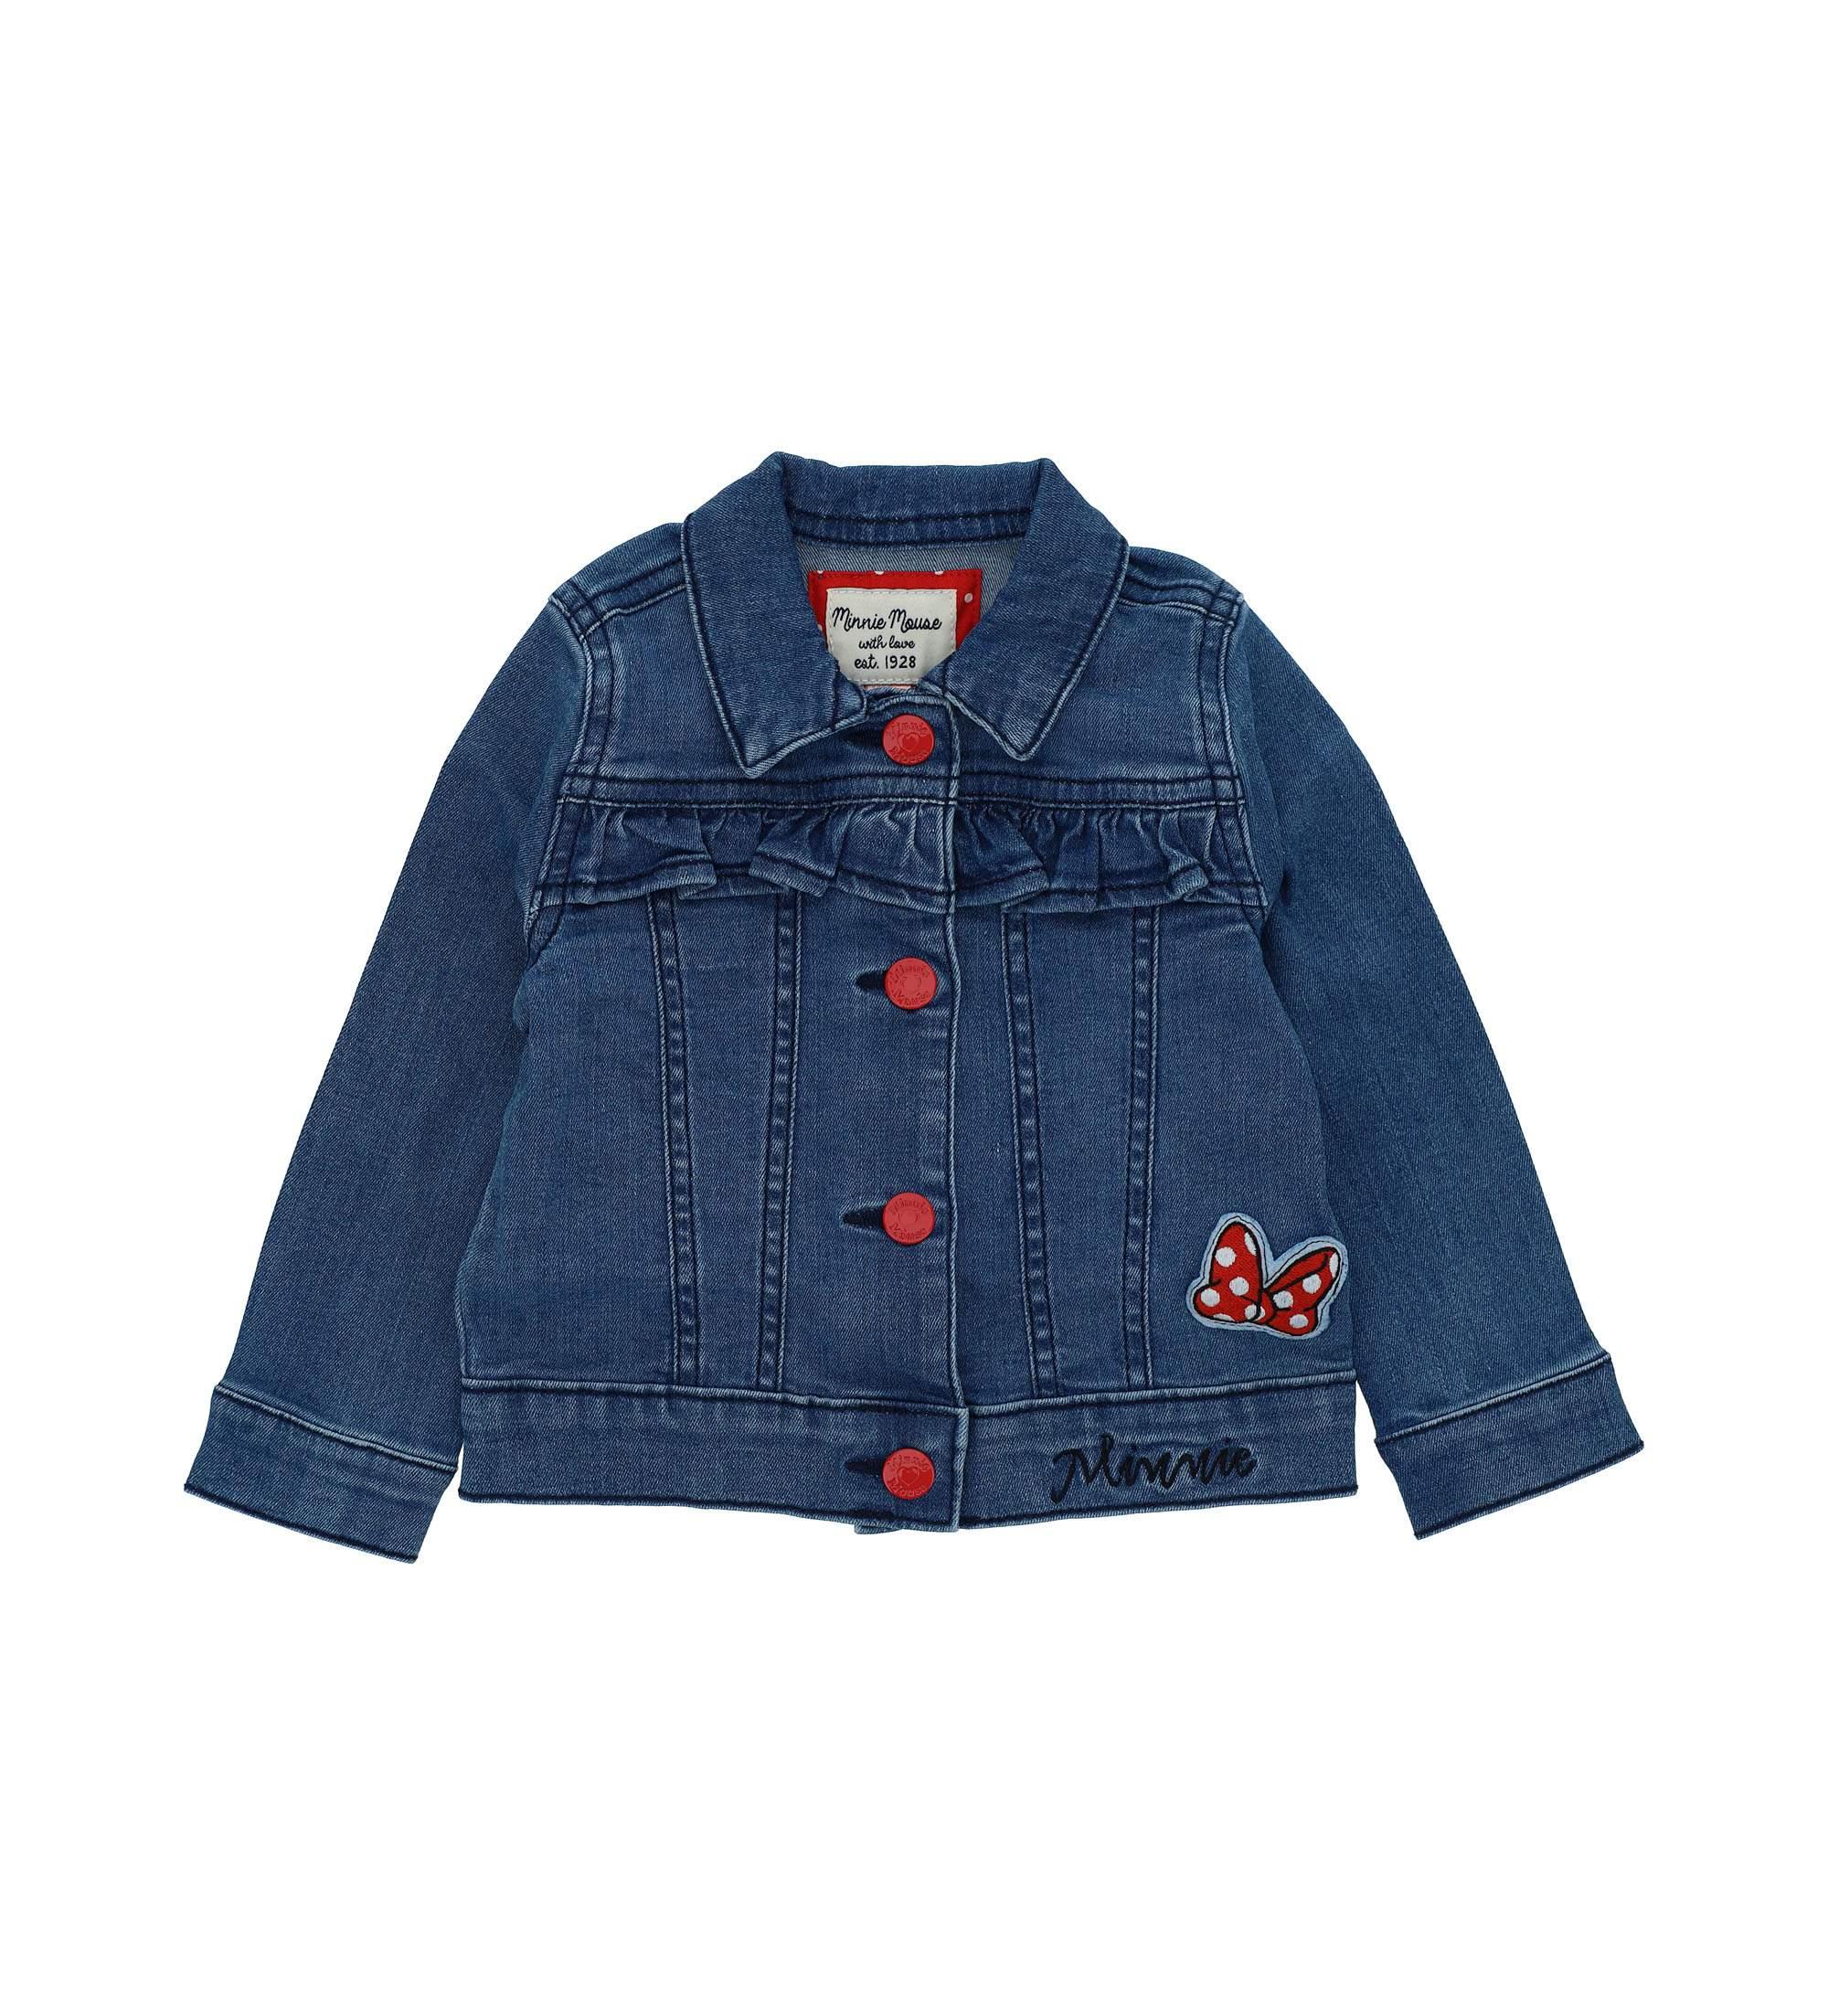 Куртка джинсовая Original Marines фото